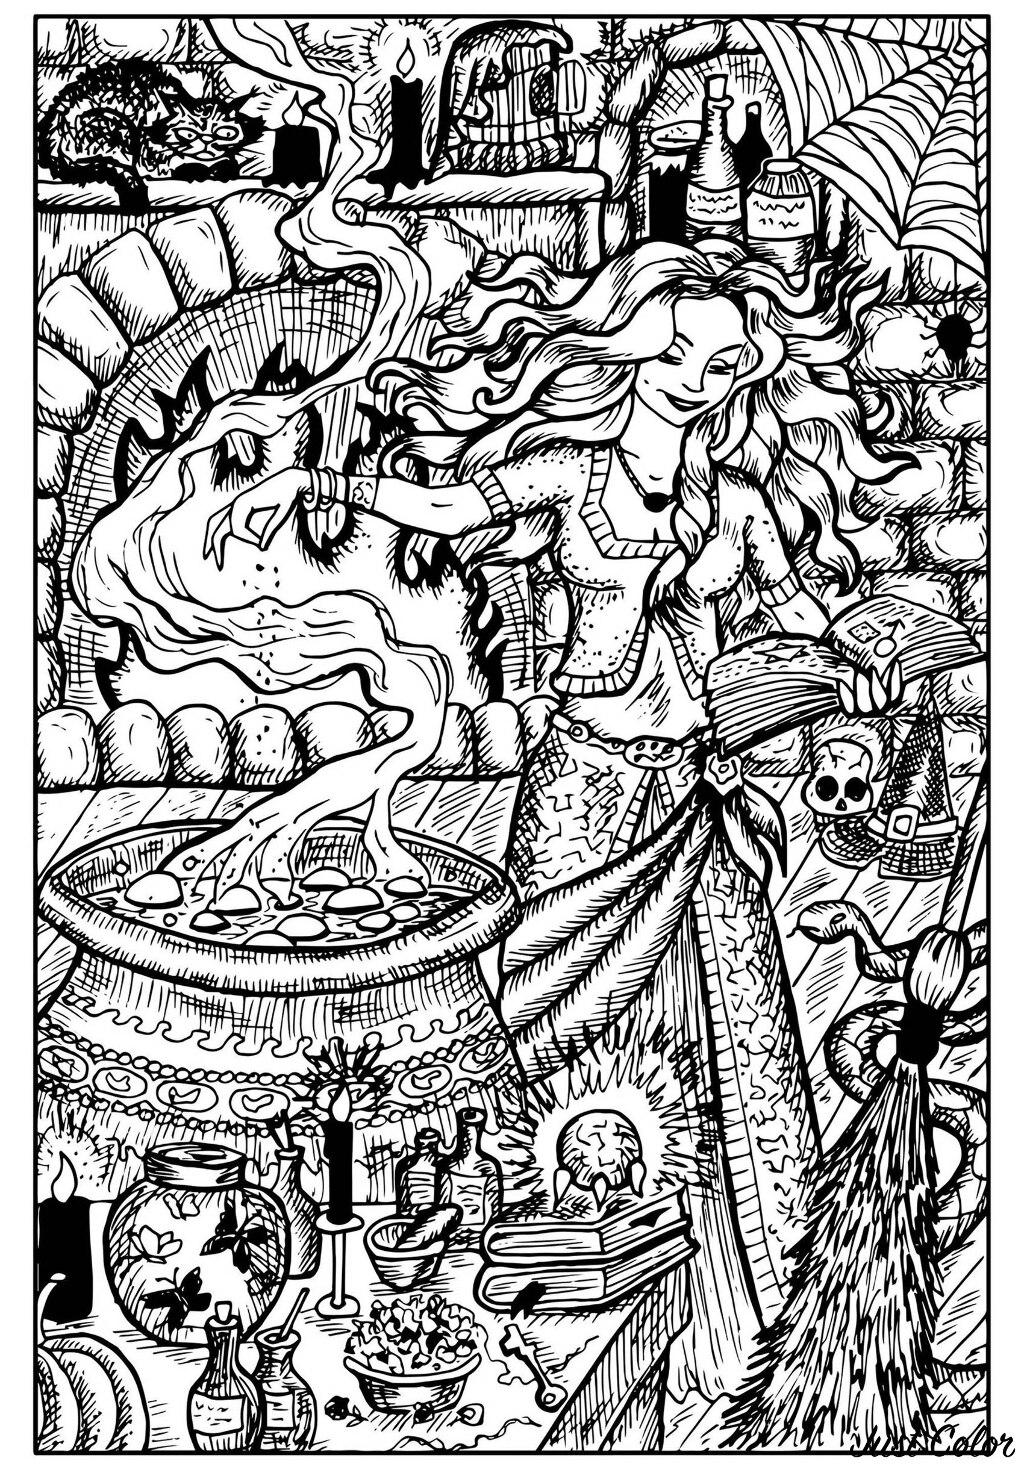 Cette sorcière est en train de préparer une potion maléfique dans son chaudron magique. Son atelier est bien rempli : chat noir, toiles d'araignées, insectes et poisons ....